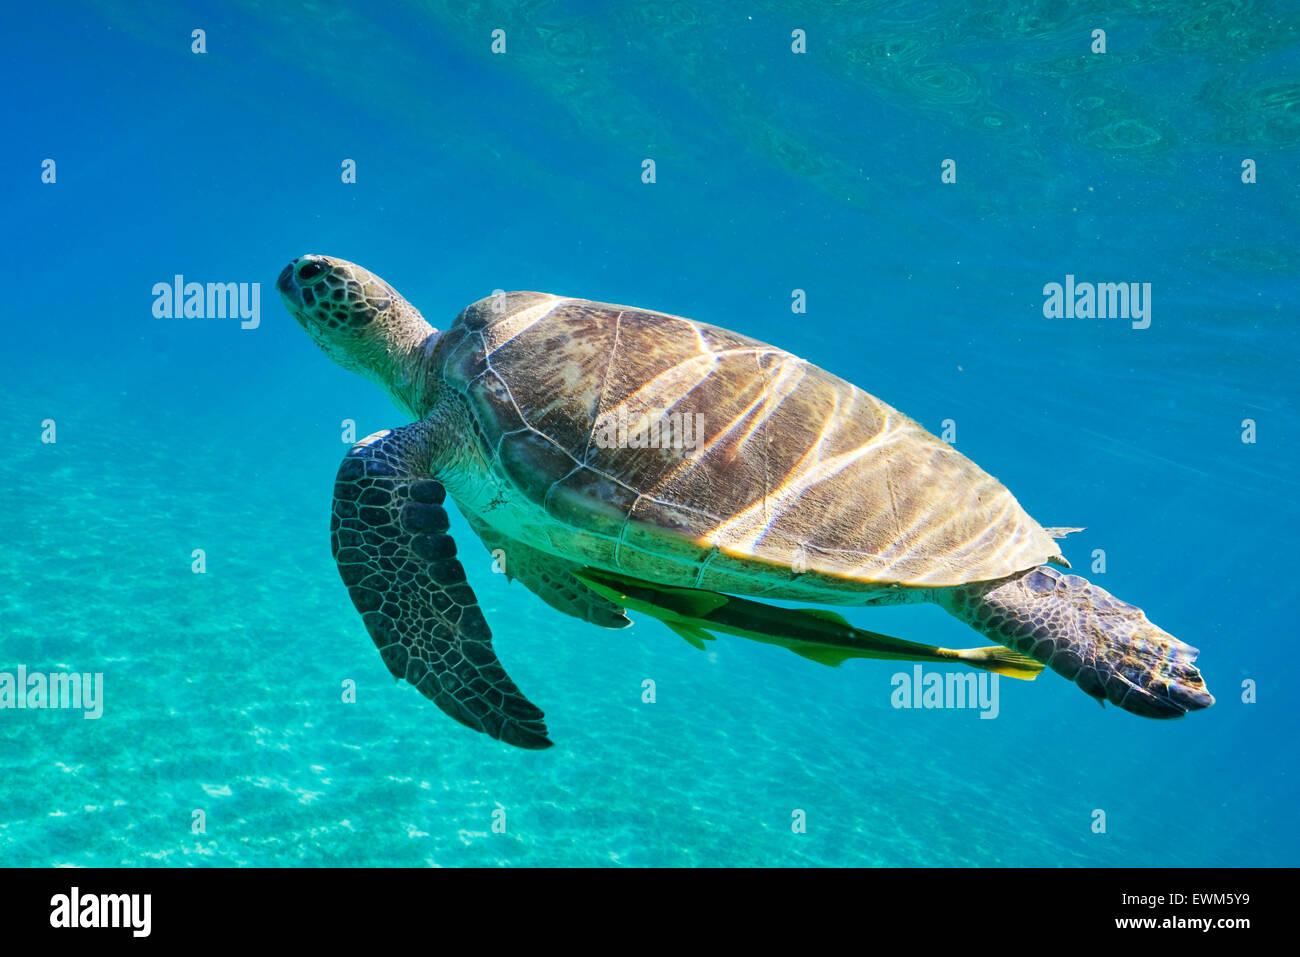 Vista subacquea in mare la Tartaruga, Mar Rosso, Egitto Immagini Stock